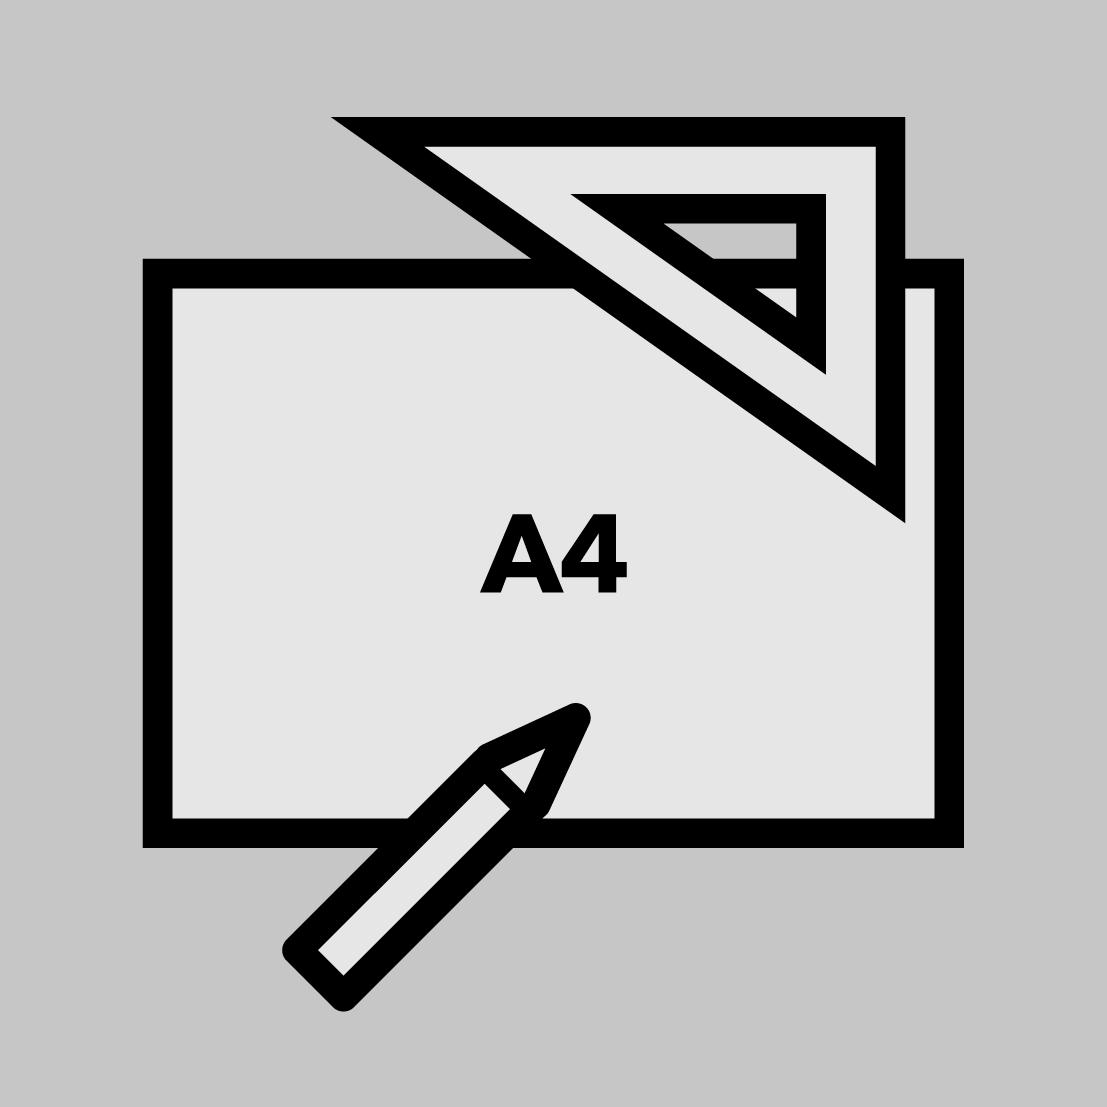 a4-landscape-icon-02.png